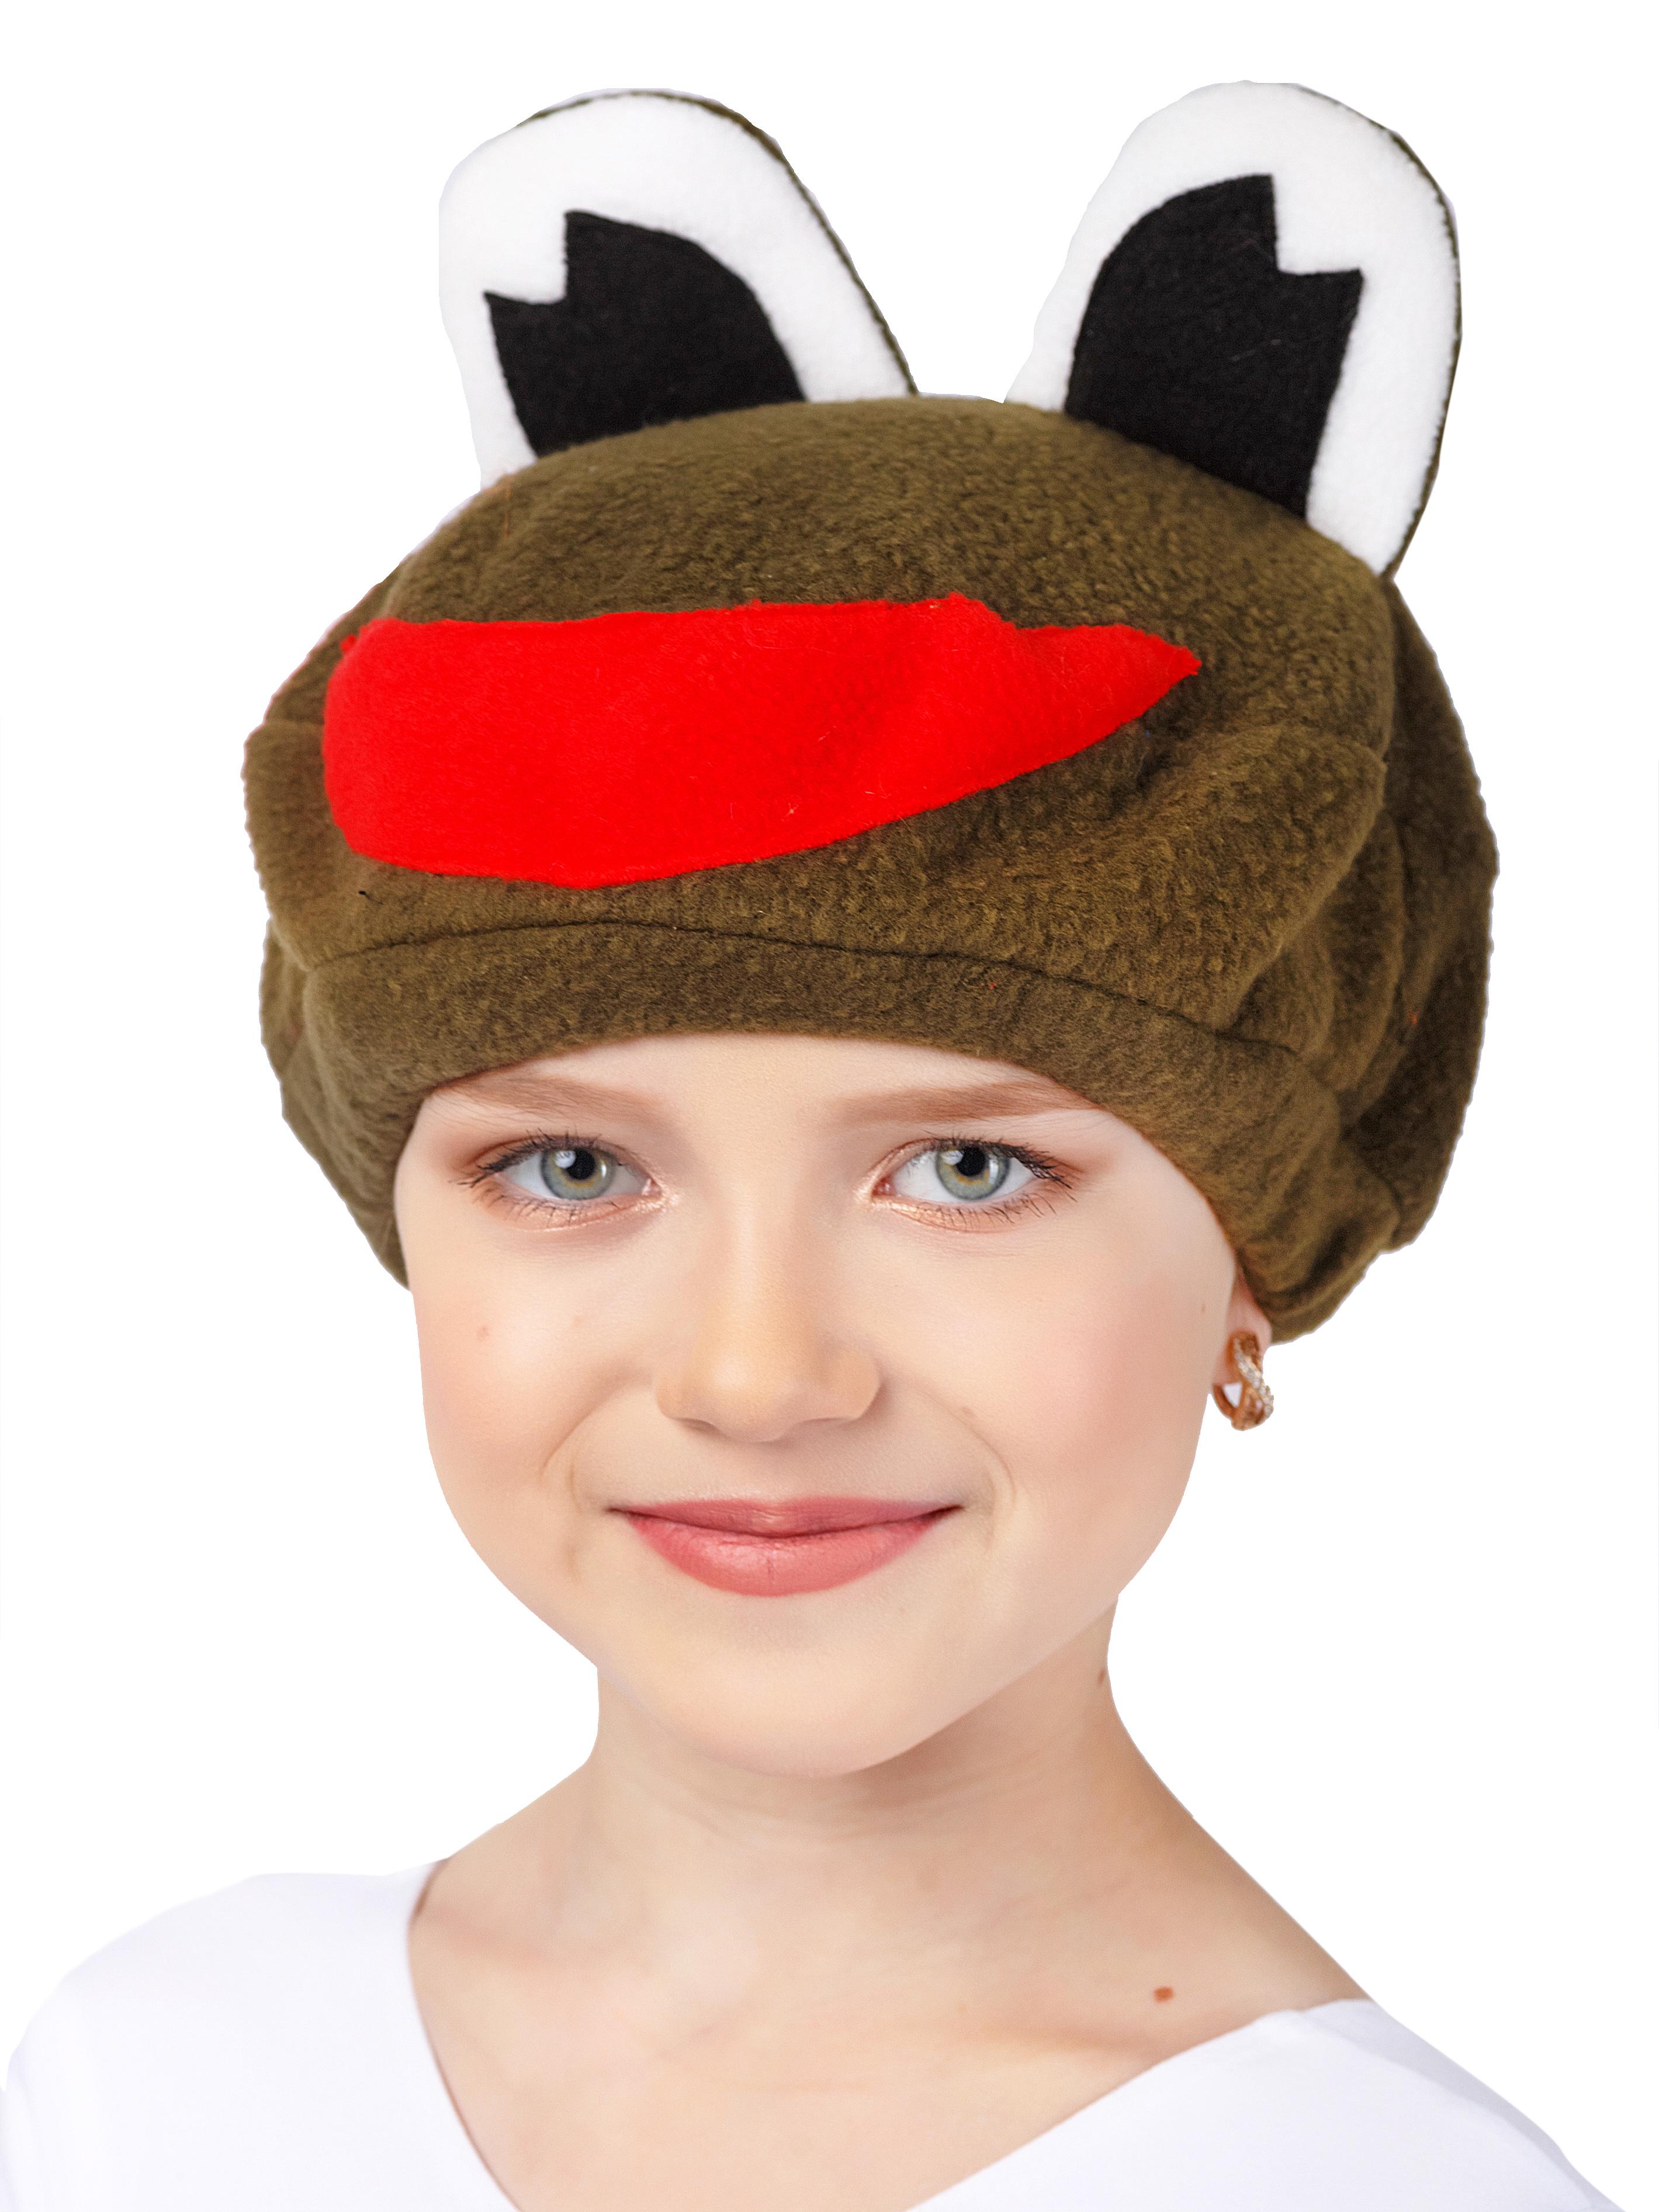 цена на Шляпа карнавальная Gala-Вальс Шапка Лягушка, коричневый